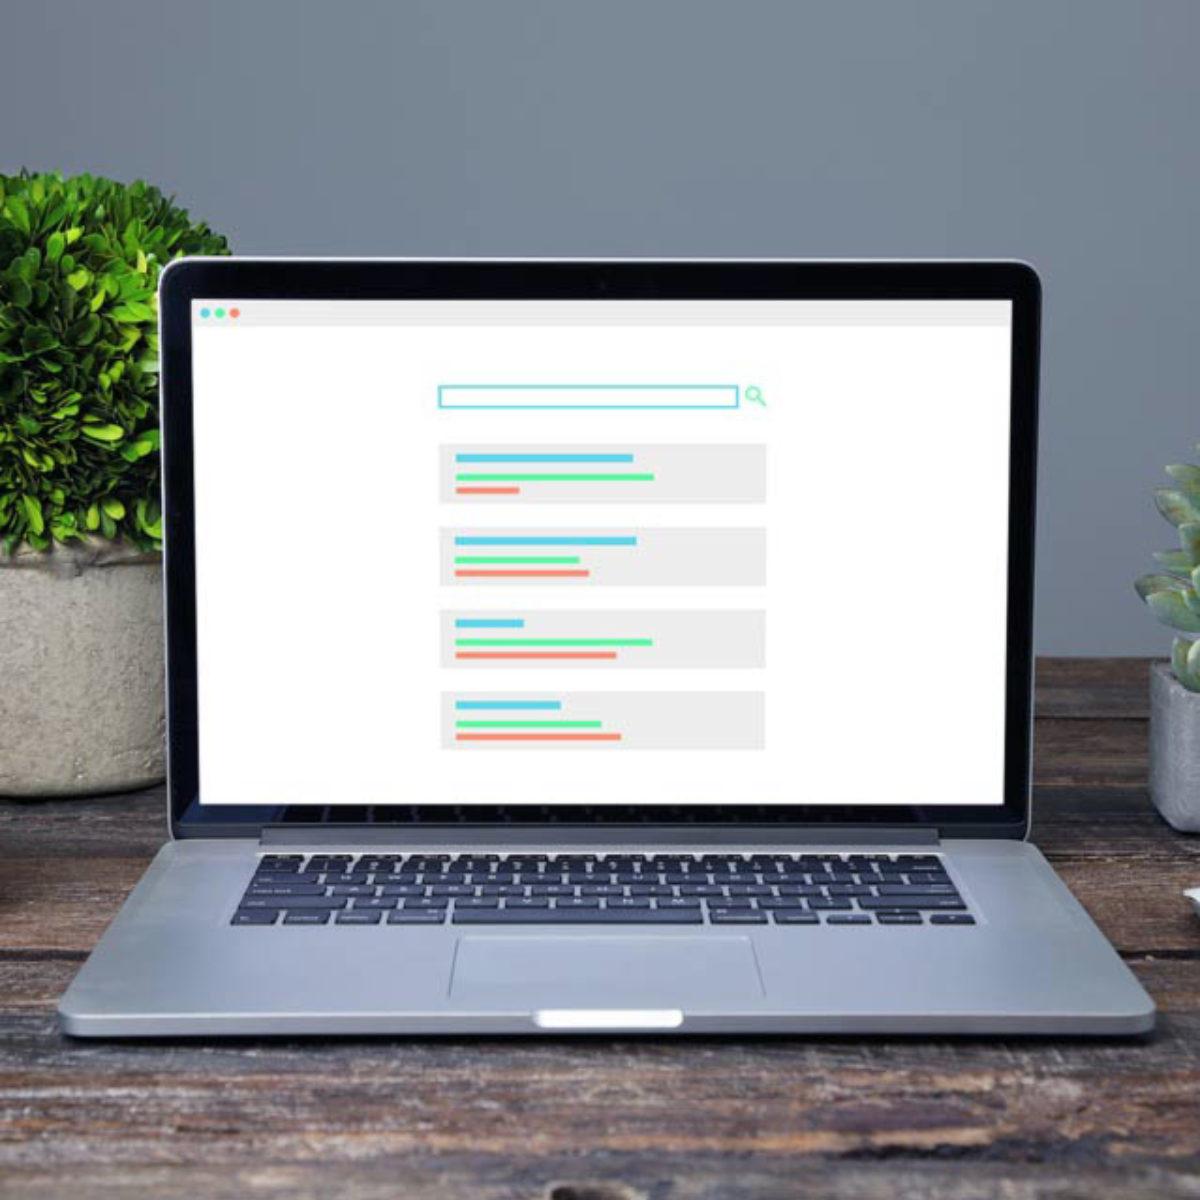 Gutes Webdesign - worauf kommt es an